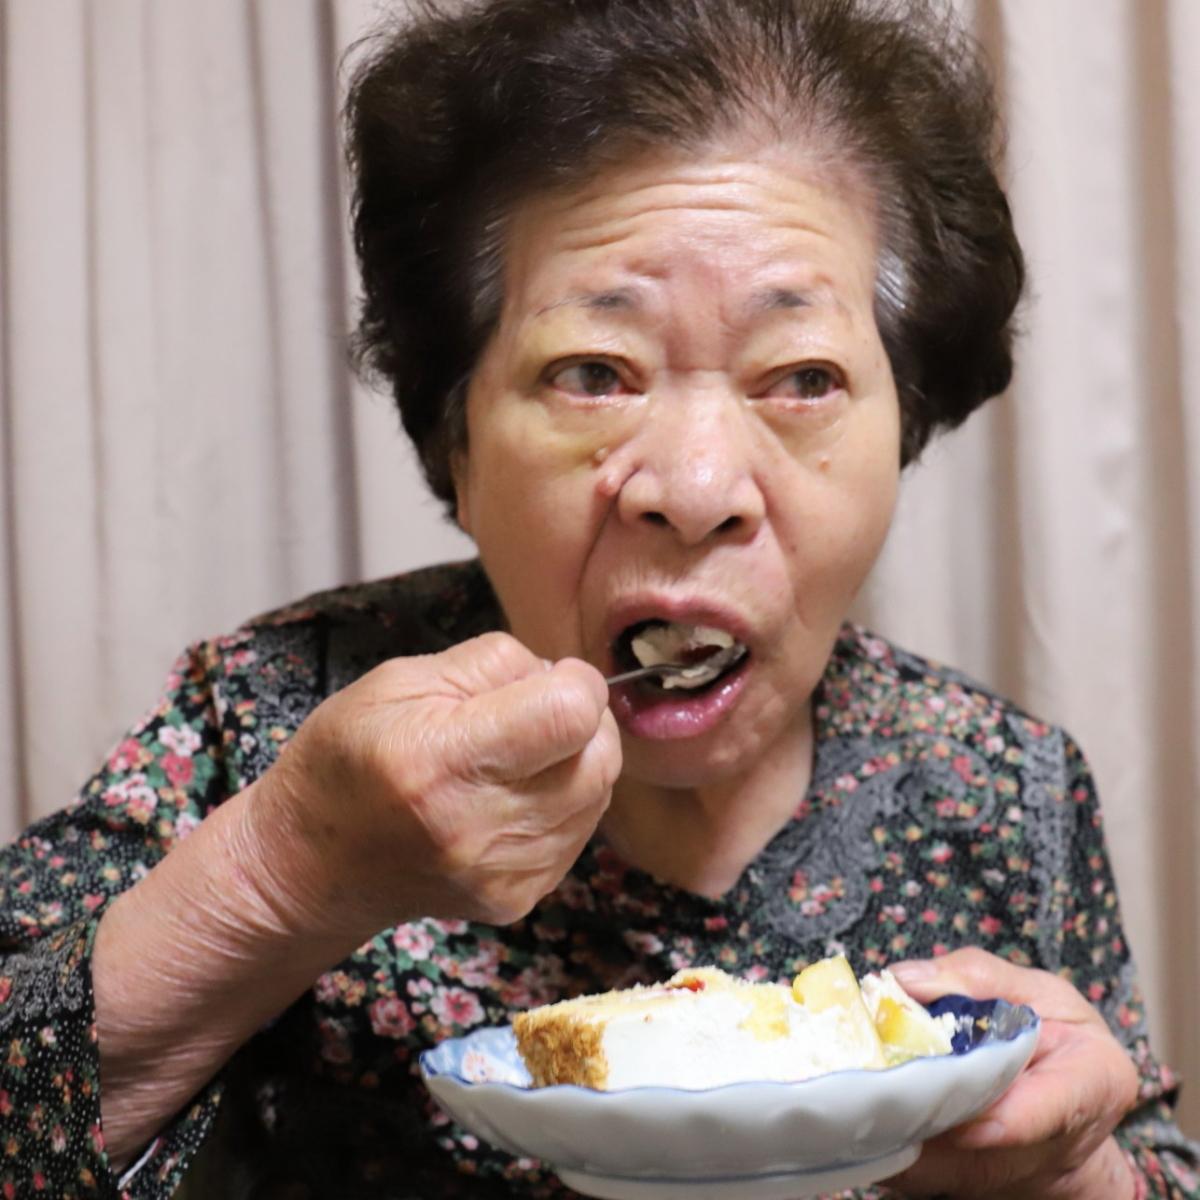 誕生日ケーキの皿を抱えて食べている祖母